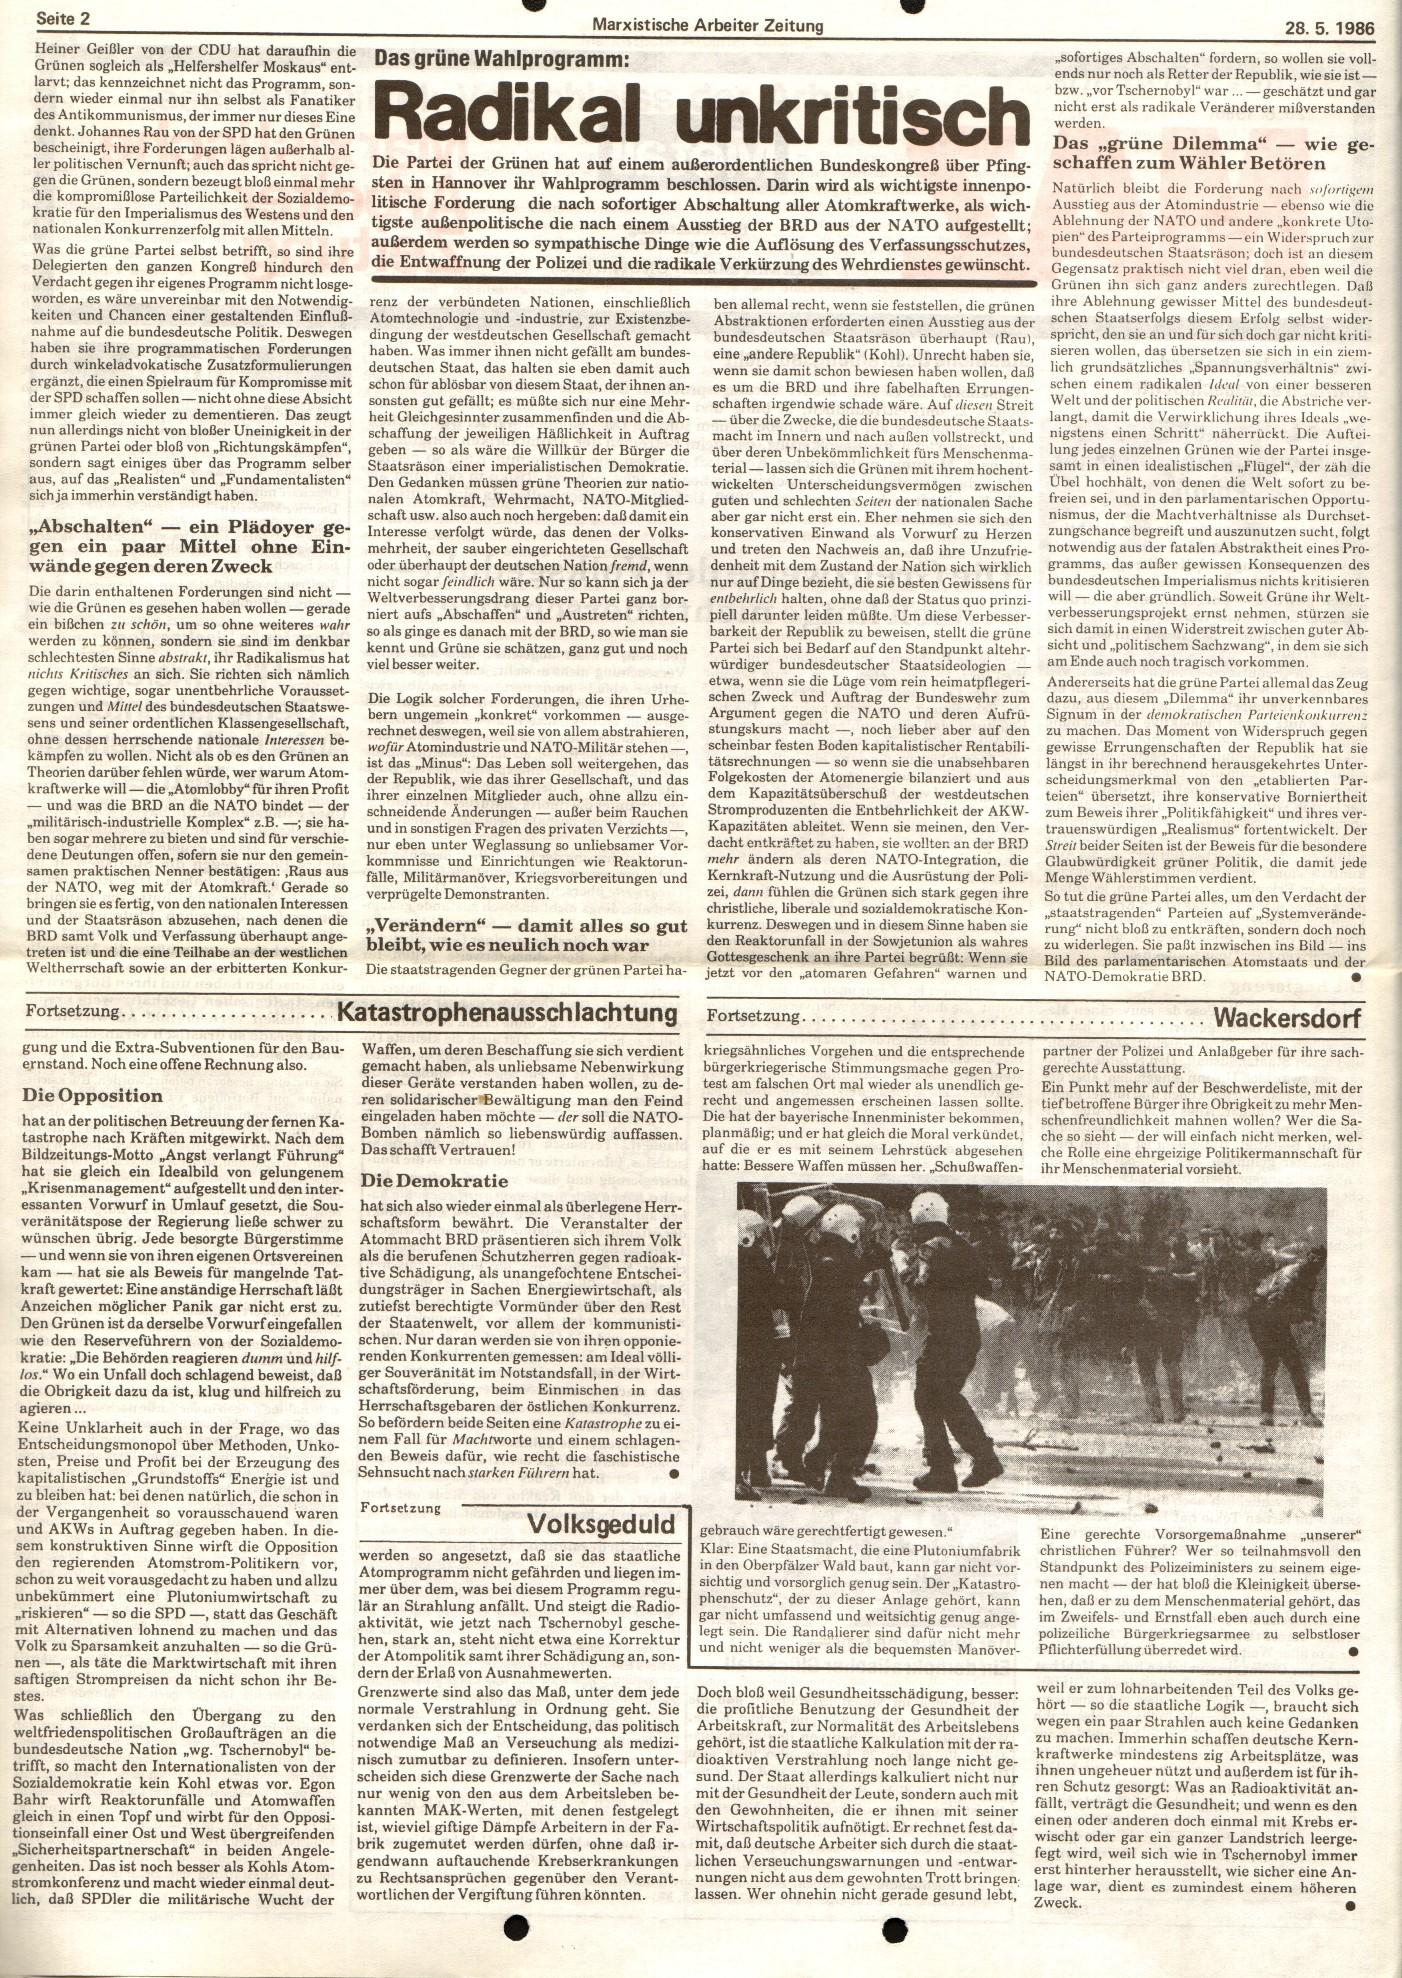 BW_MG_Marxistische_Arbeiterzeitung_19860528_02